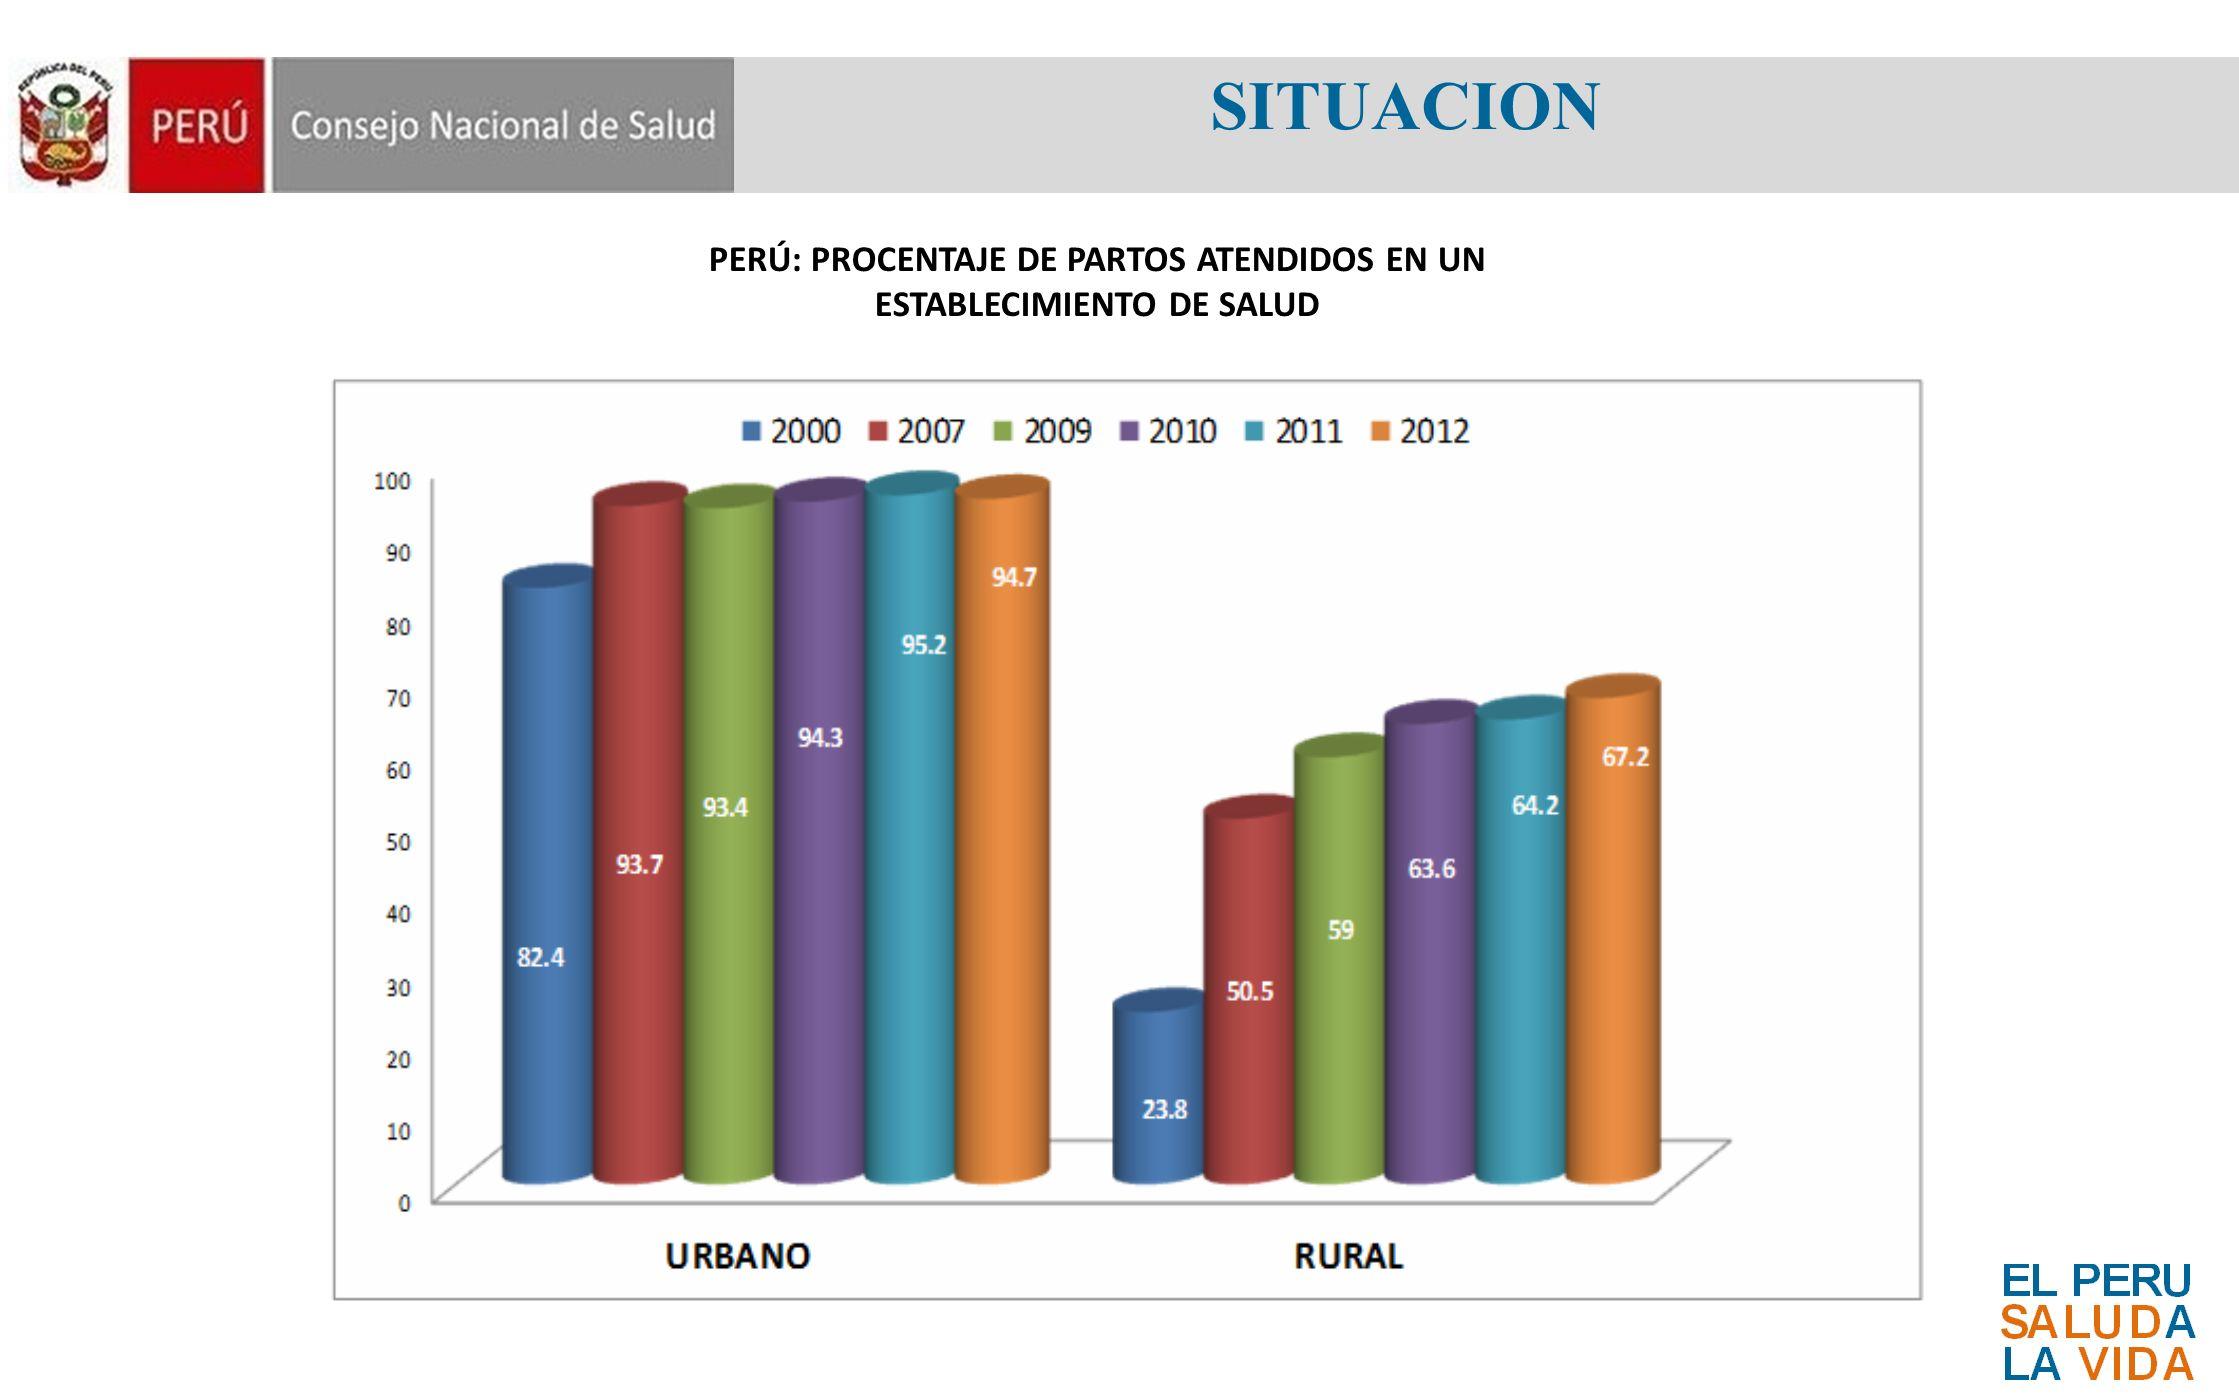 PERÚ: PROCENTAJE DE PARTOS ATENDIDOS EN UN ESTABLECIMIENTO DE SALUD